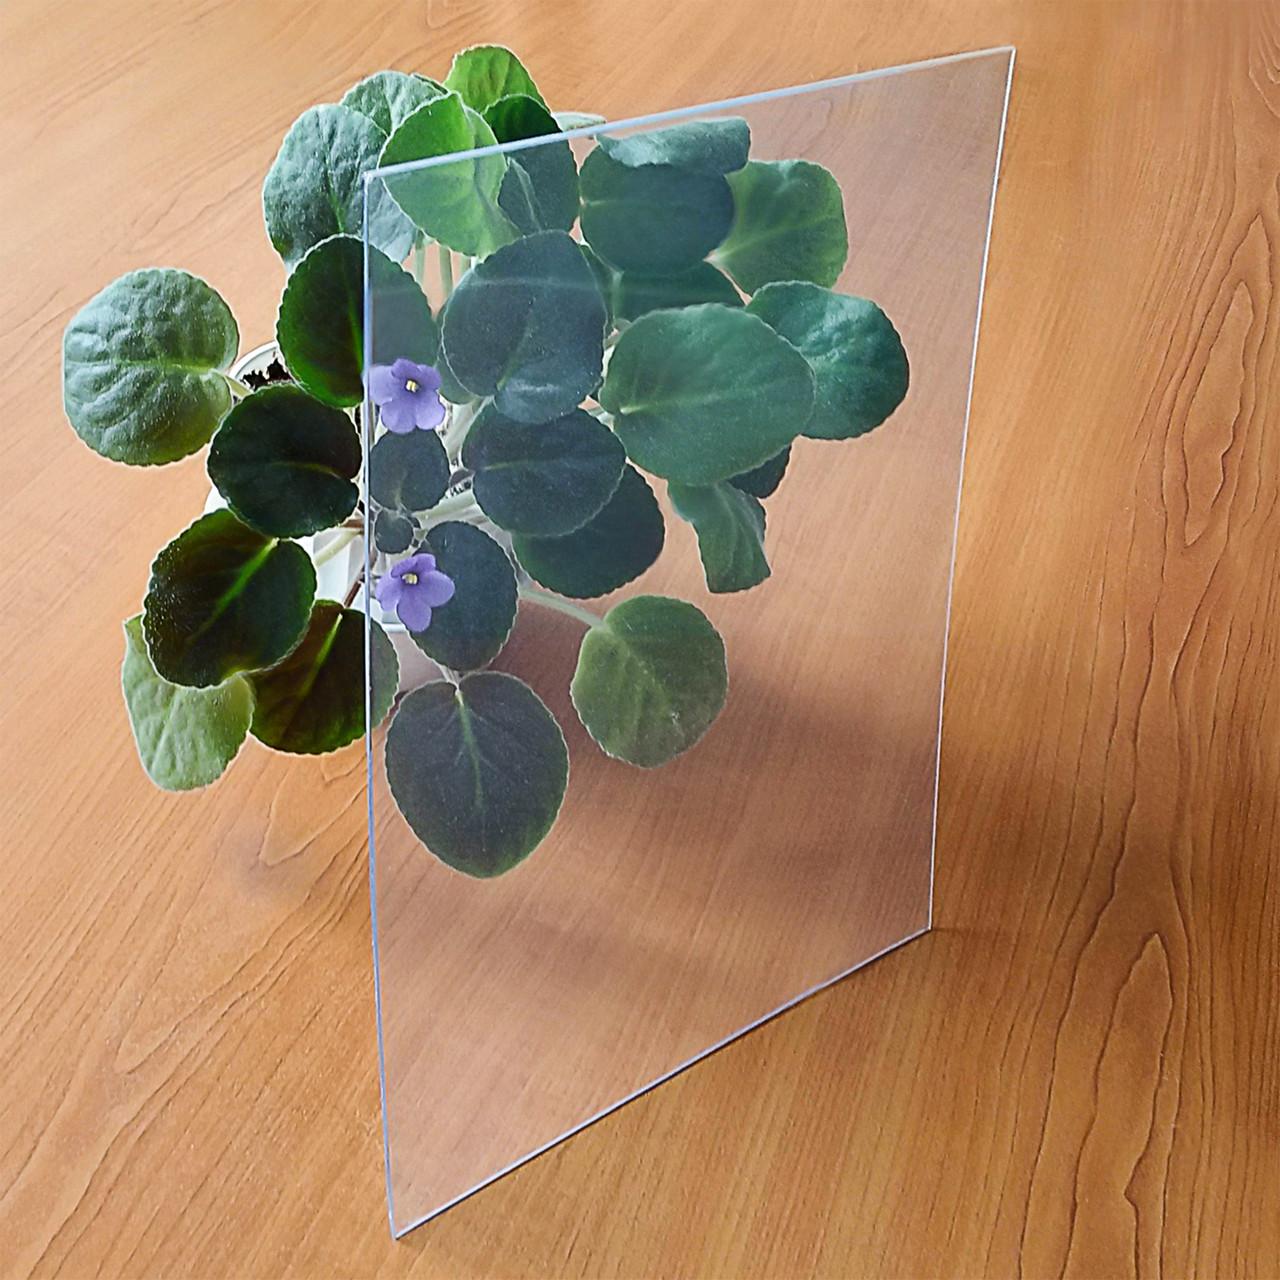 ПВХ твердый прозрачный, лист 1 x 2 м, 0.7 мм